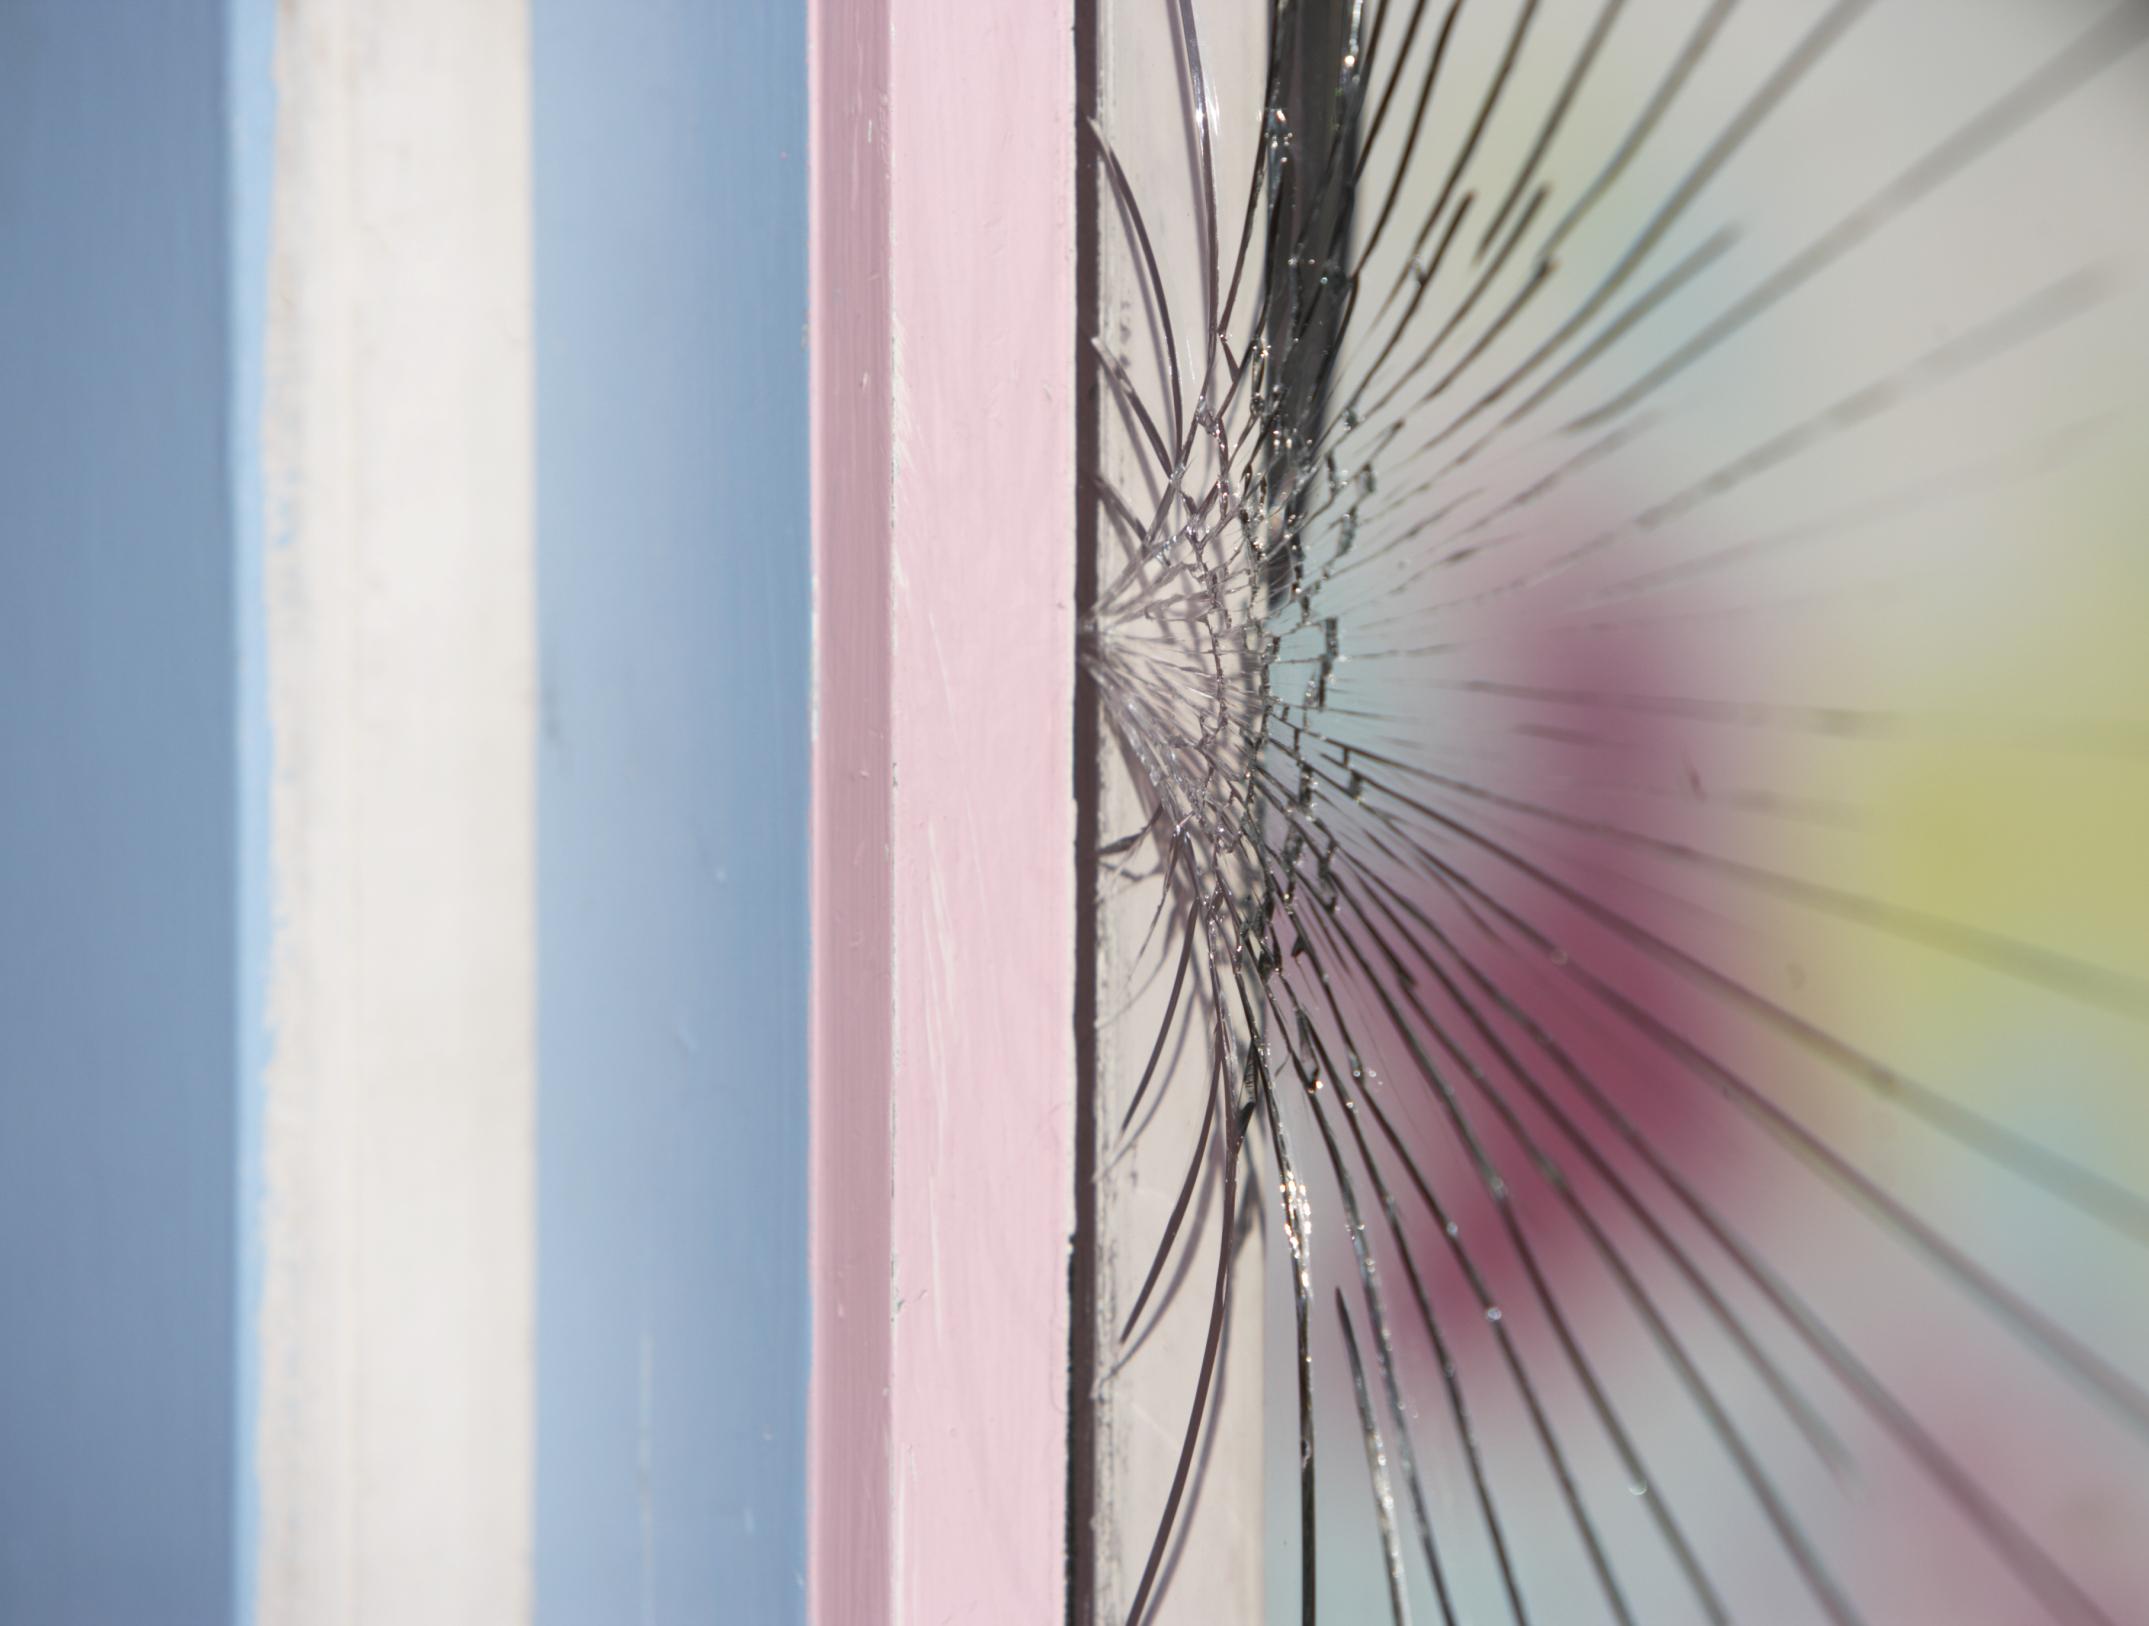 Cómo reemplazar el vidrio en una ventana de aluminio |